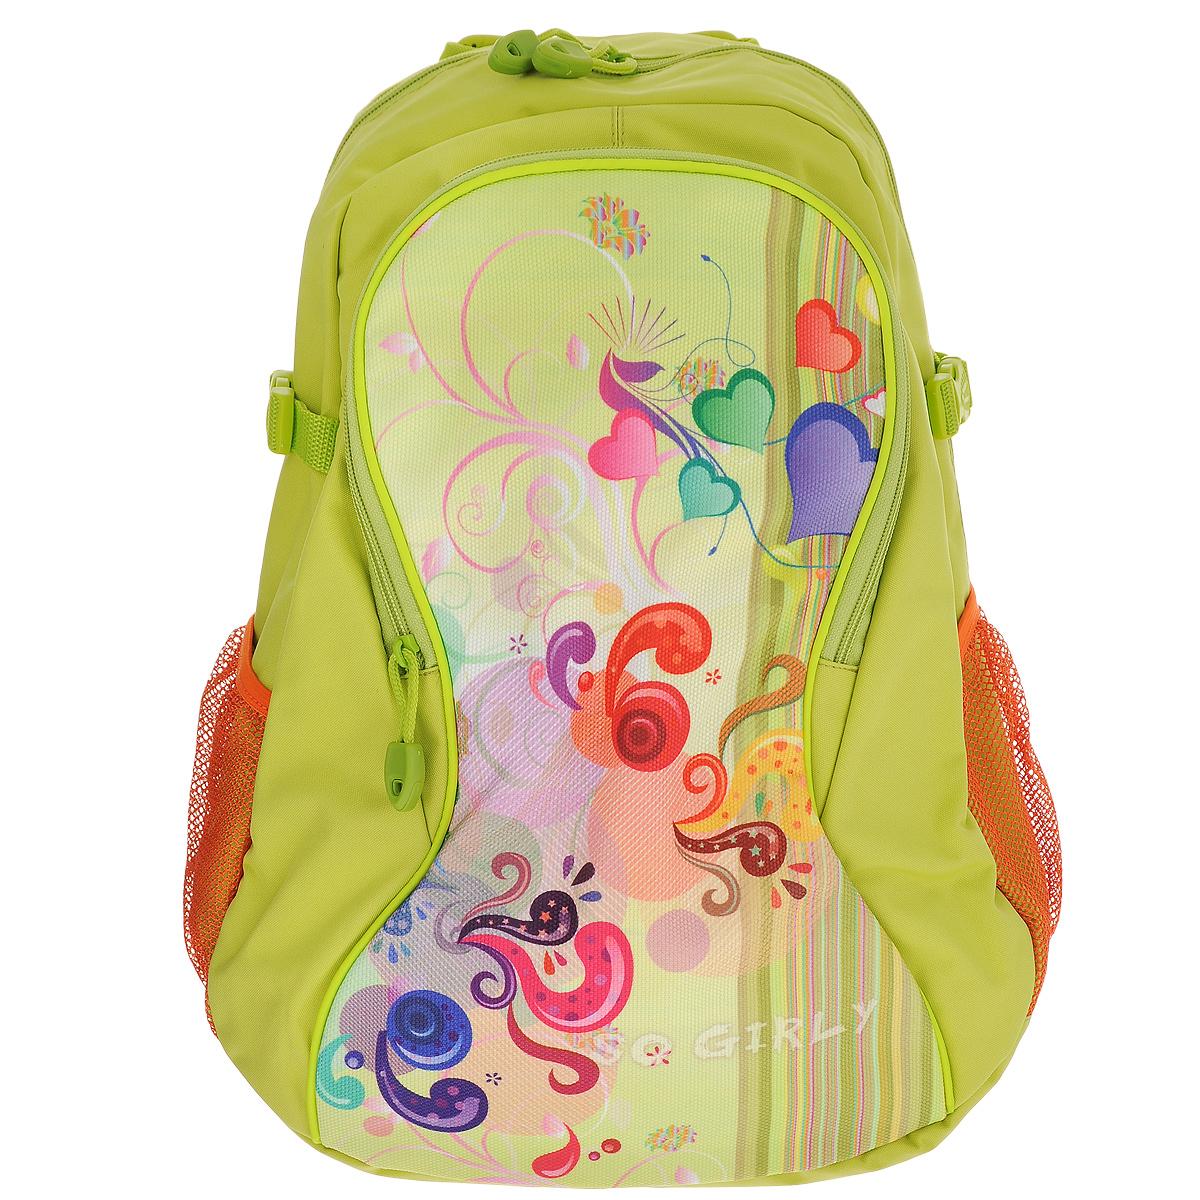 Tiger Enterprise Рюкзак детский Atiu цвет зеленый8807/TG_зеленыйСтильный школьный рюкзак ATIU 8807 - это красивый и удобный ранец, который подойдет всем, кто хочет разнообразить свои школьные будни. Благодаря анатомической рельефной спинке, повторяющей контур спины и двум эргономичным плечевым ремням, длина которых регулируется, у ребенка не возникнут проблемы с позвоночником. Ранец, выполненный из антибактериального, водоотталкивающего и не выгорающего на солнце материала, оформлен изображением забавных машинок.